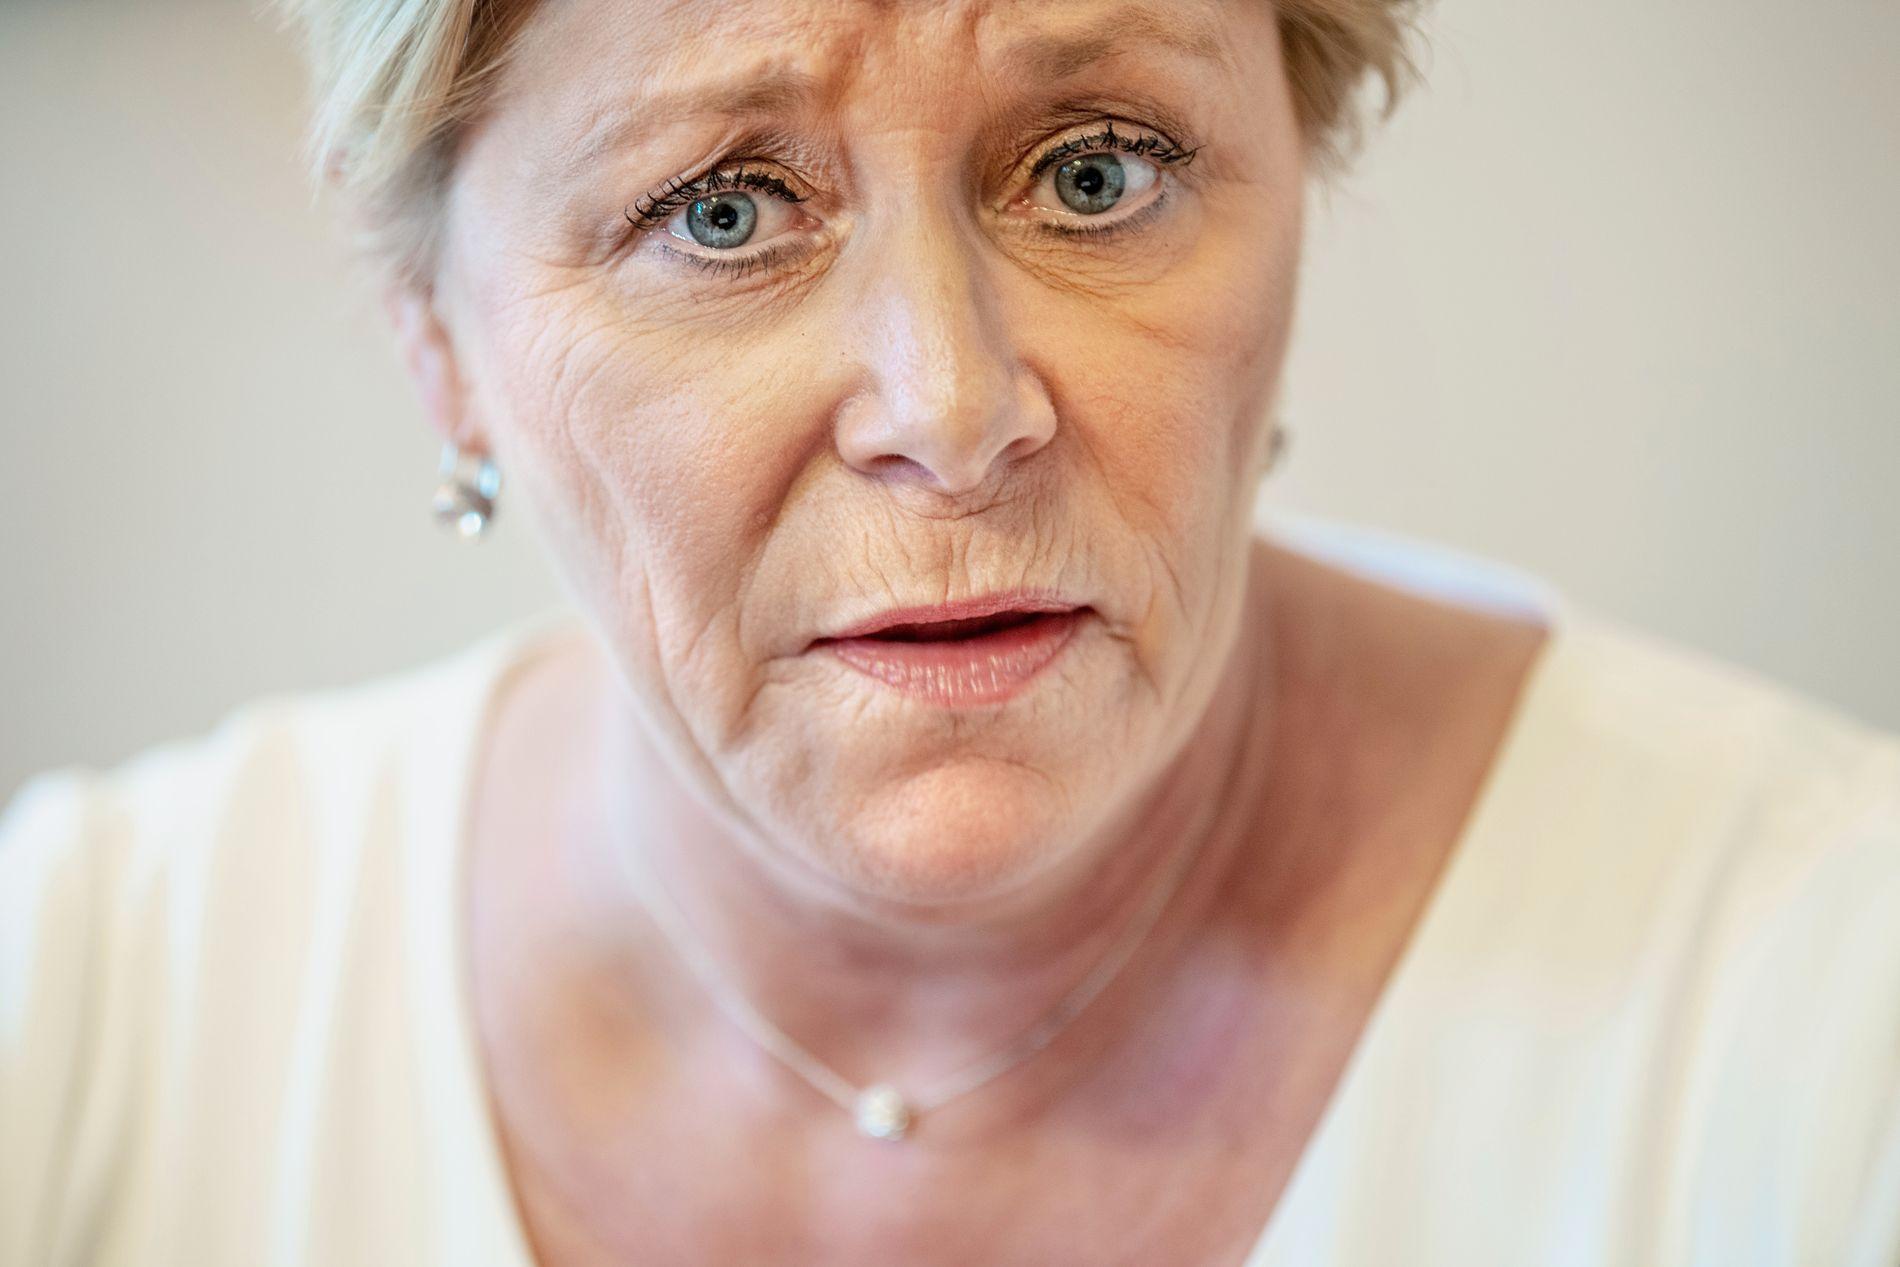 BOMPENGEPROBLEMER: Frp-leder Siv Jensen har både bompengeopprør og dårlige målinger å stri med.